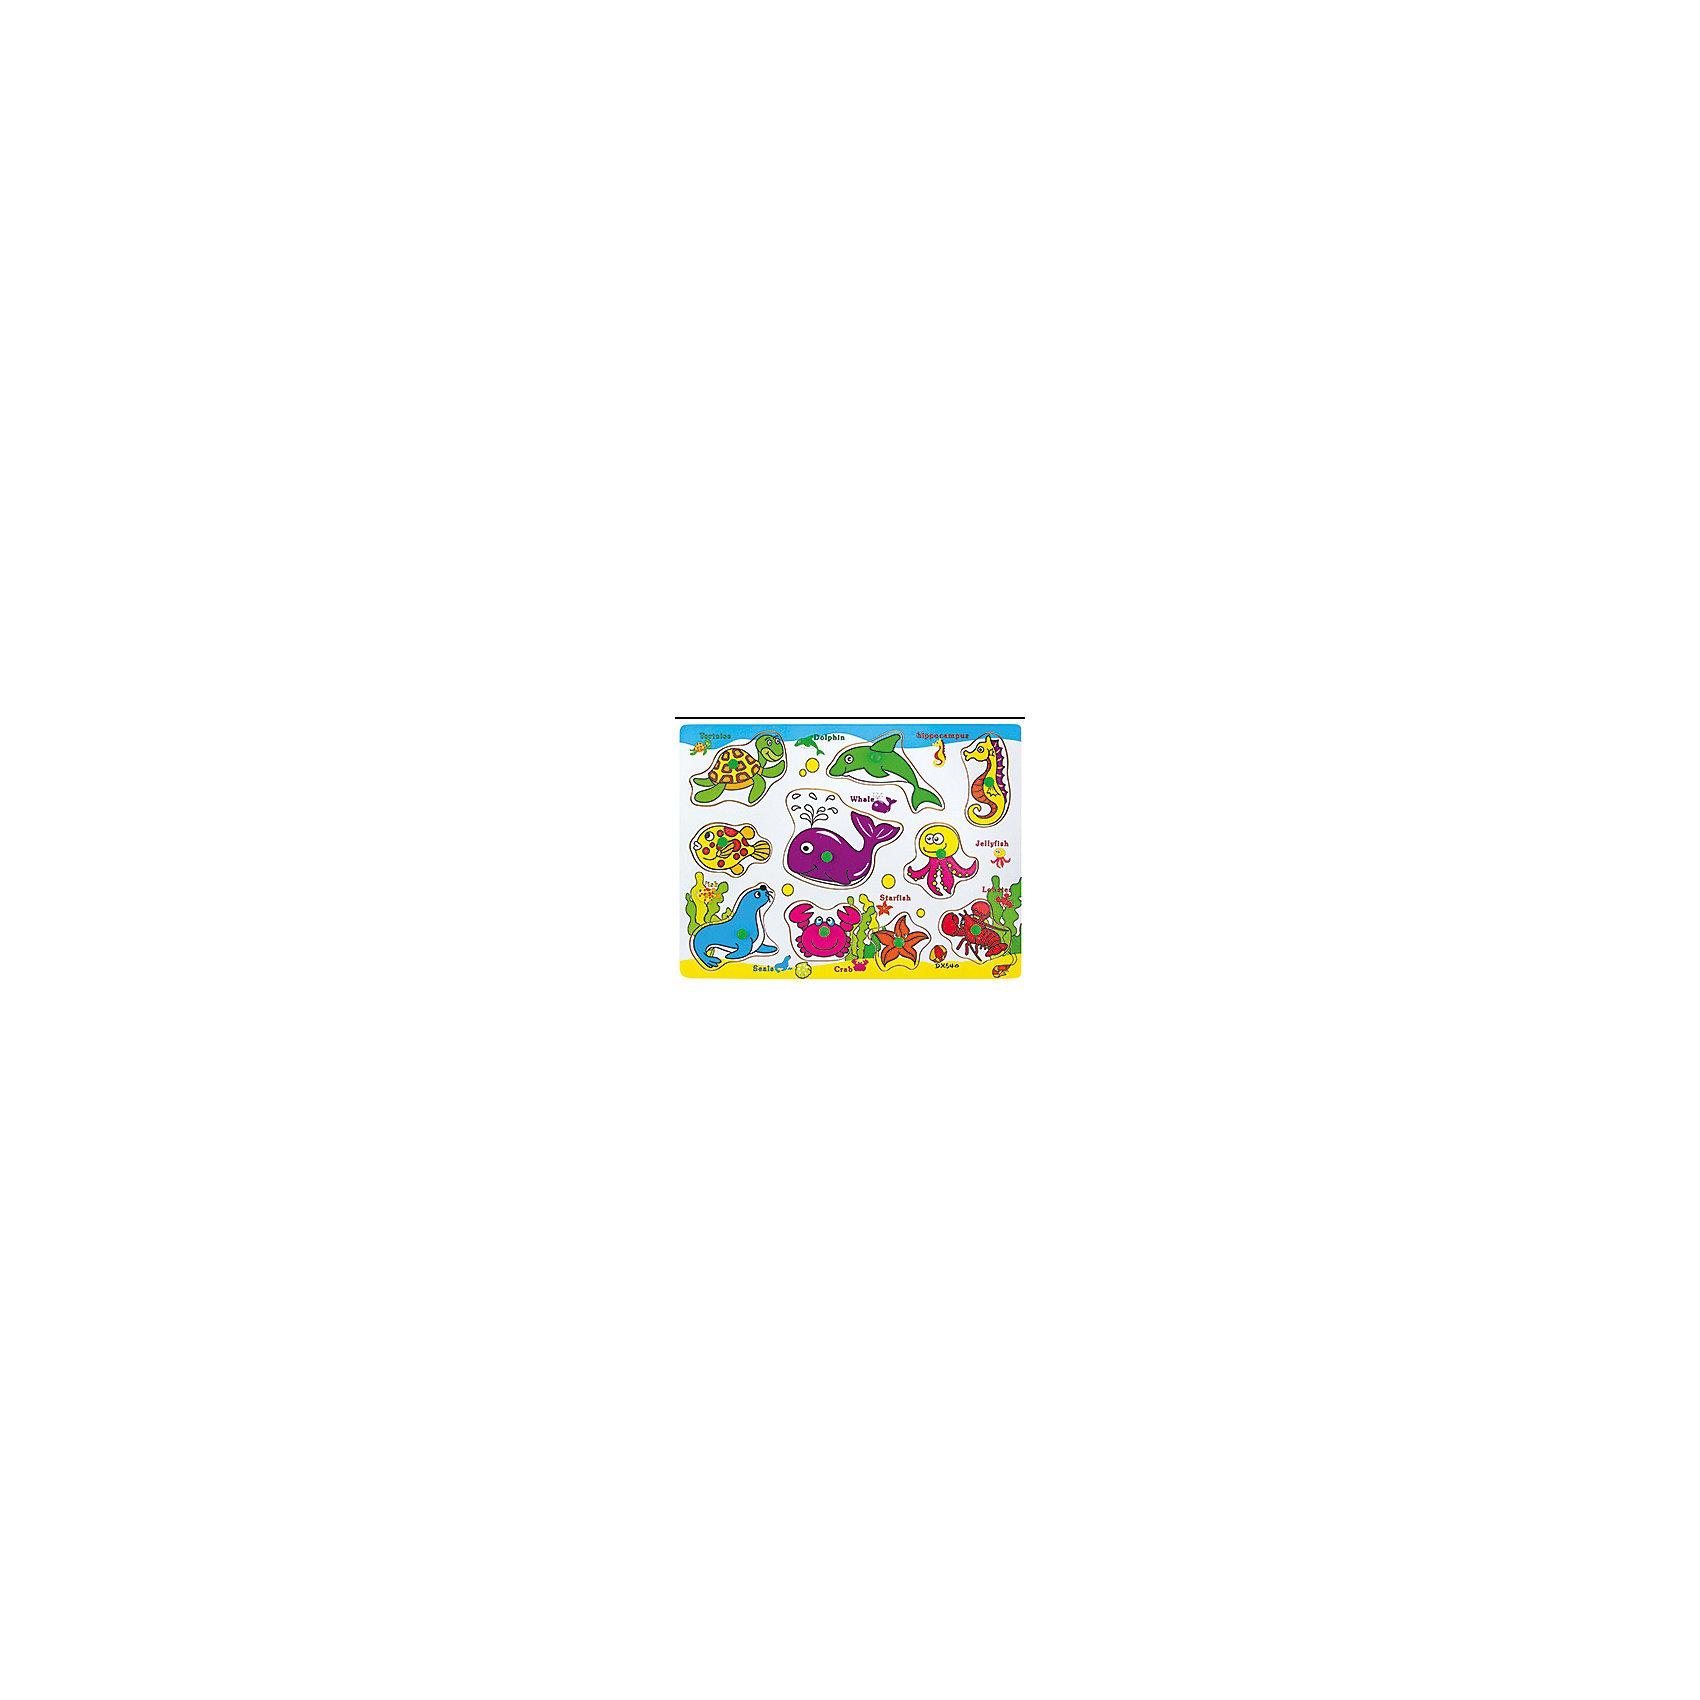 Деревянный пазл Морские животные, Kribly BooДеревянные пазлы<br>Деревянный пазл Морские животные, Kribly Boo<br><br>Характеристики:<br><br>• Материал: дерево, бумага<br>• Возраст: от 3 лет<br>• Деталей: 10 штук<br><br>Деревянный пазл помогает малышу развить внимательность, пространственное мышление, моторику рук и координацию движений. И все это без скучных упражнений, с помощью игры. Данный пазл познакомит ребенка с обитателями морского мира. Пазл сделан из экологически чистого материала – дерева. Все детали хорошо обработаны и не оставляют заноз.<br><br>Деревянный пазл Морские животные, Kribly Boo можно купить в нашем интернет-магазине.<br><br>Ширина мм: 300<br>Глубина мм: 10<br>Высота мм: 230<br>Вес г: 0<br>Возраст от месяцев: 60<br>Возраст до месяцев: 120<br>Пол: Унисекс<br>Возраст: Детский<br>SKU: 5059062